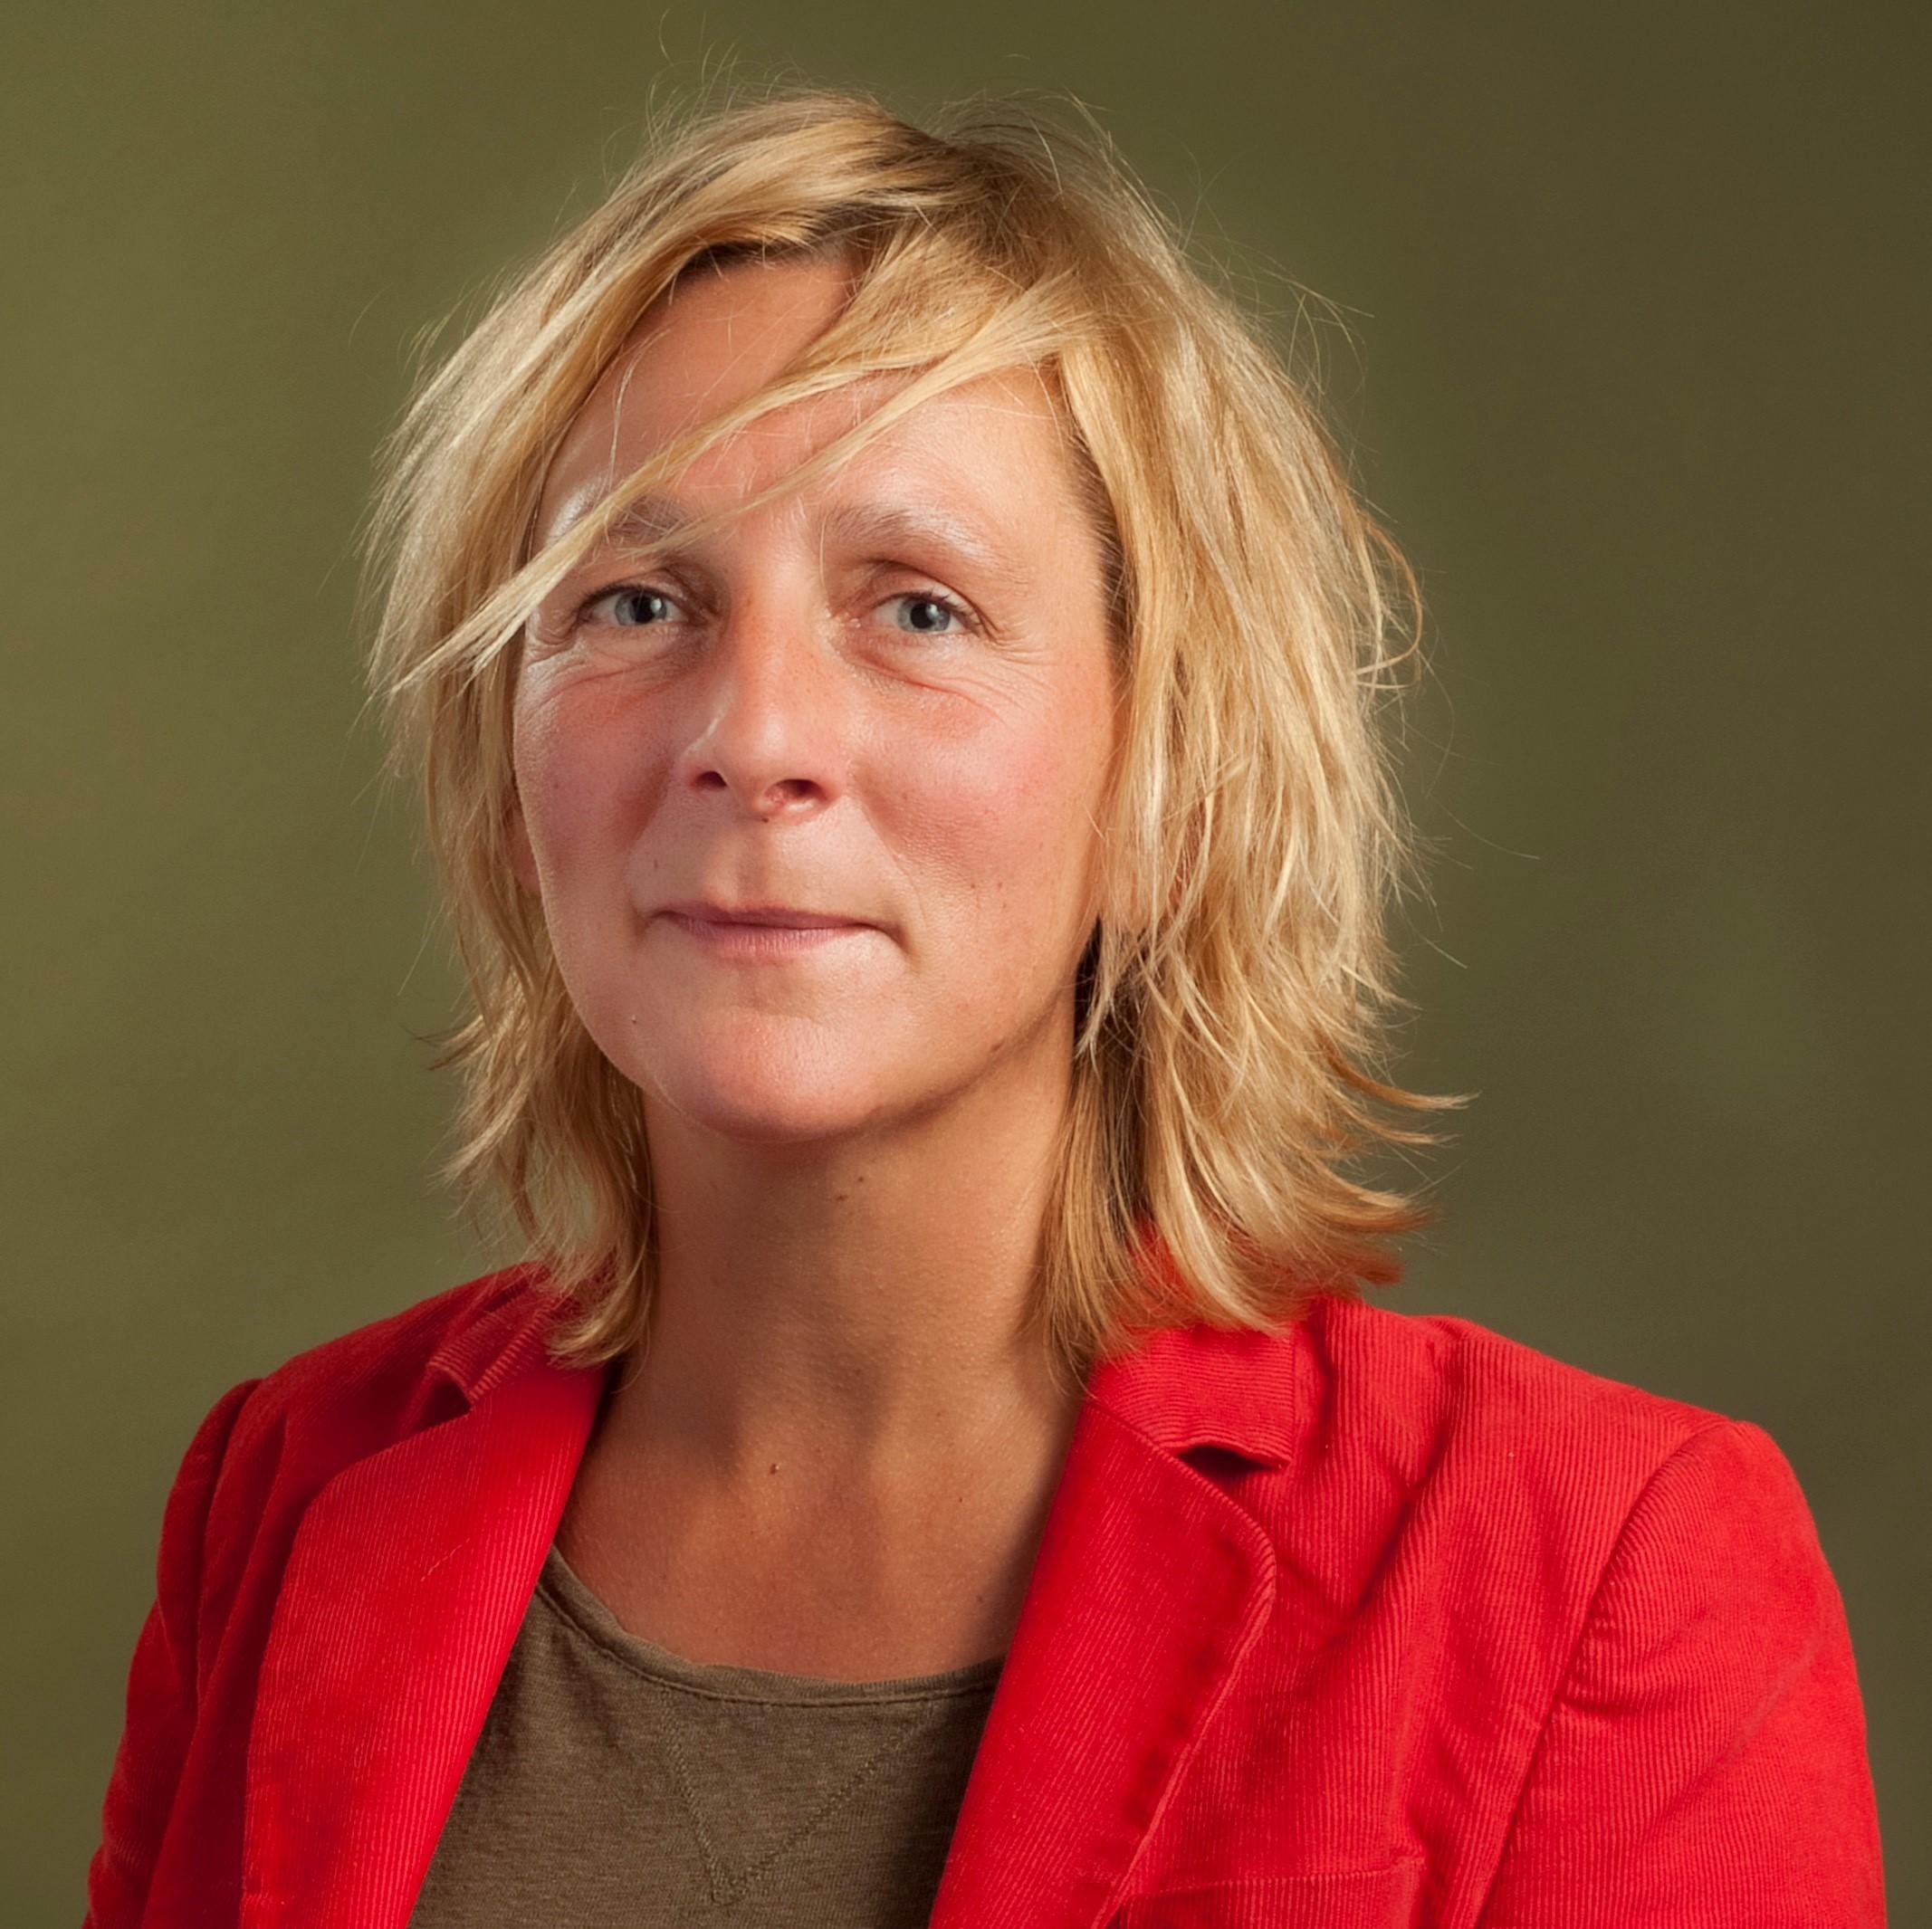 Claudia Huft